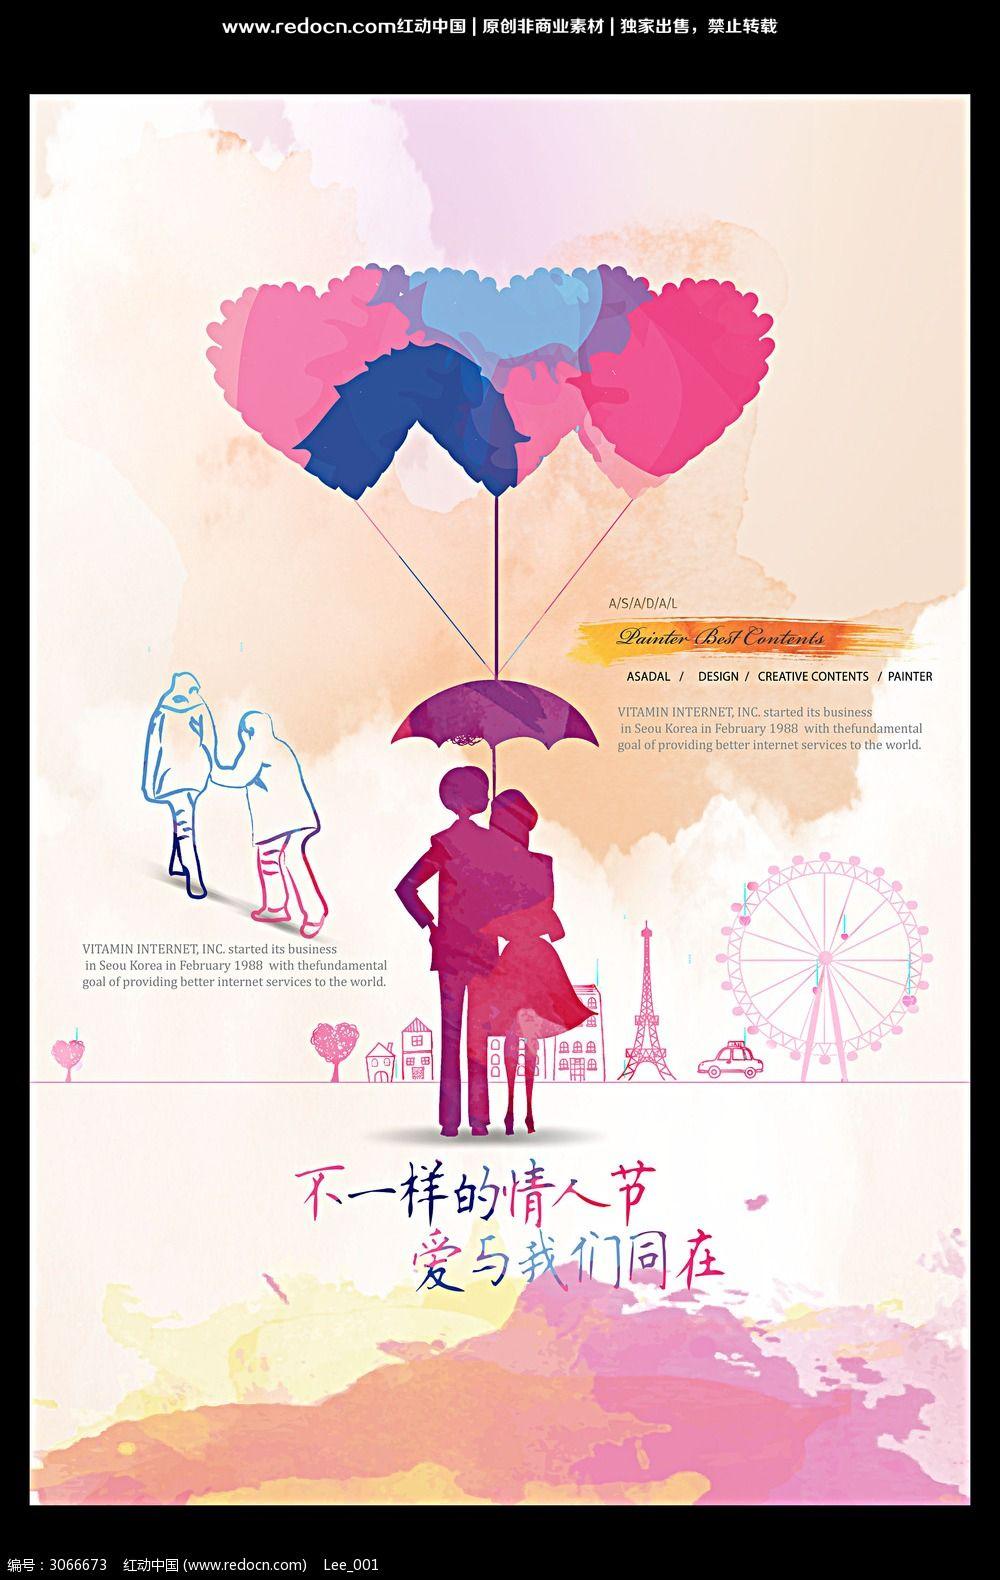 水彩风七夕情人节海报PSD素材下载 七夕节设计图片